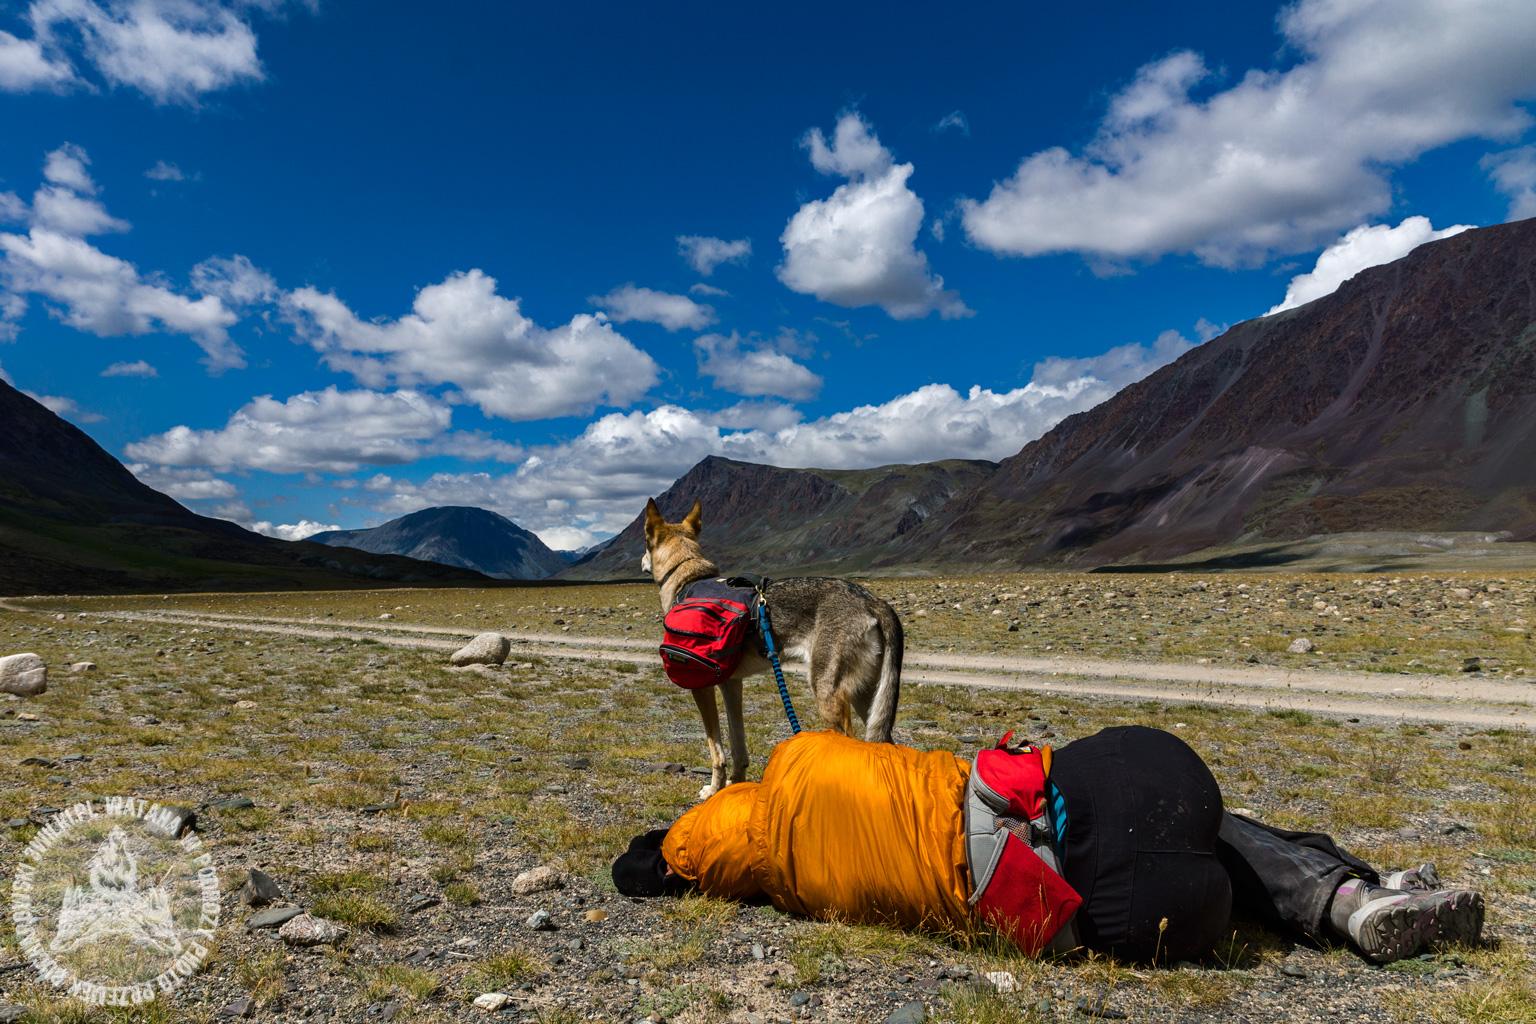 mongolia_tavanbogd_trekking_agi_diuna3